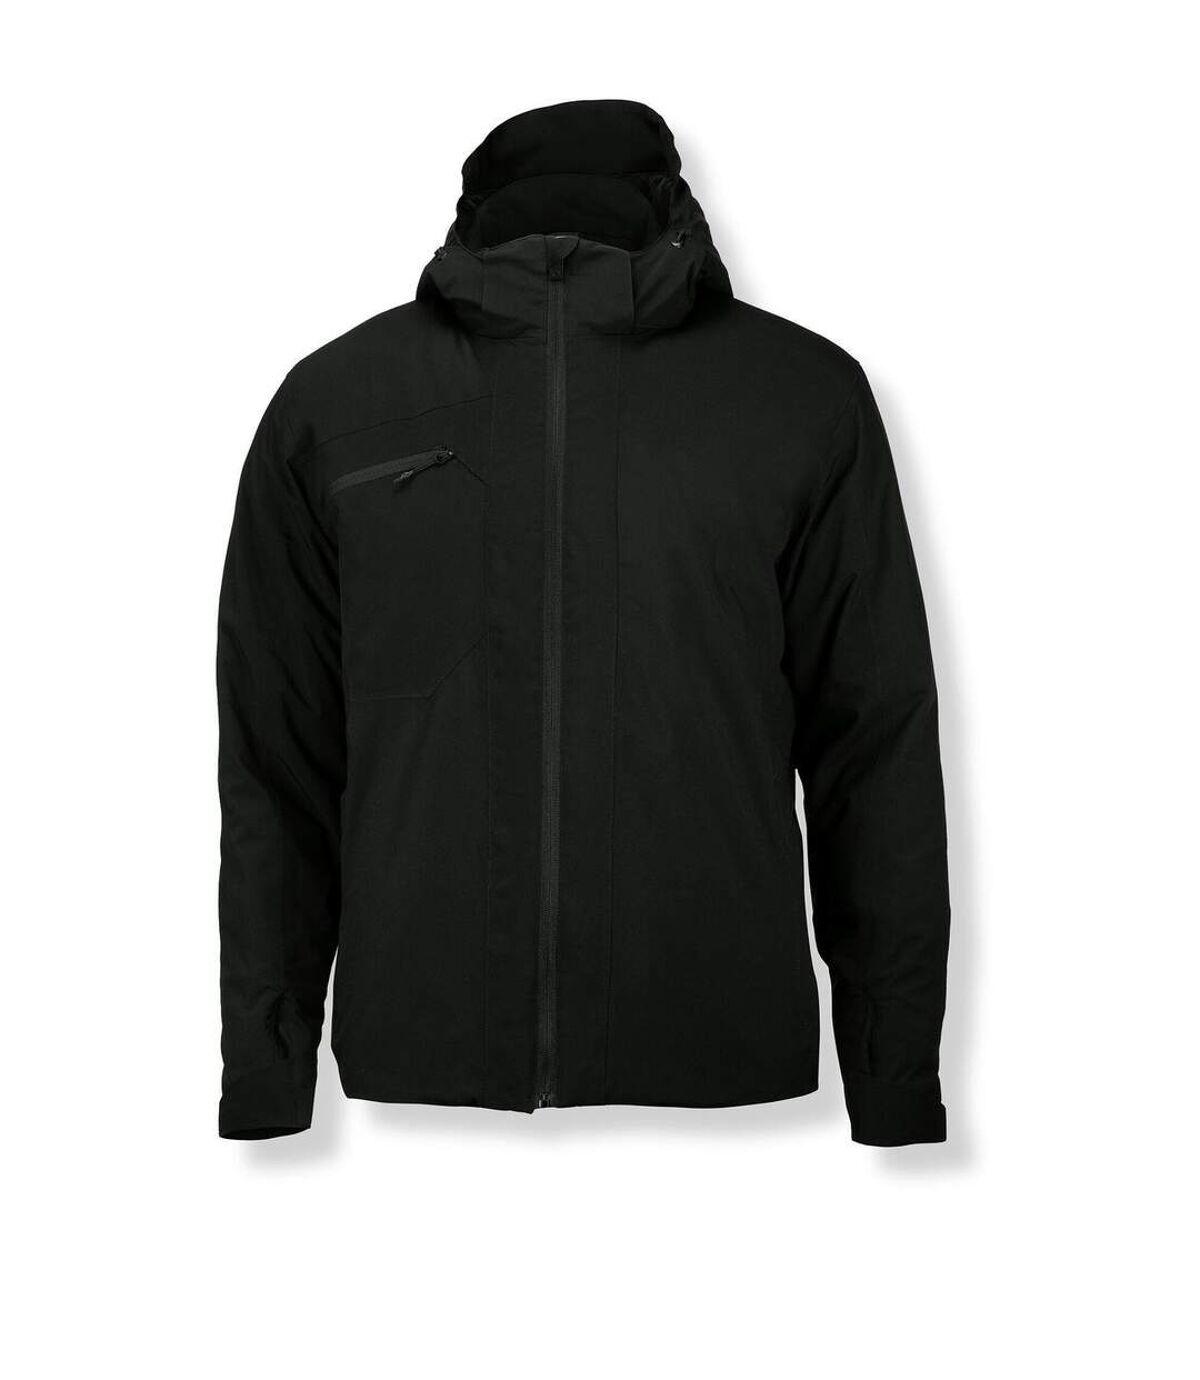 Veste technique hiver homme - NB88M - noir